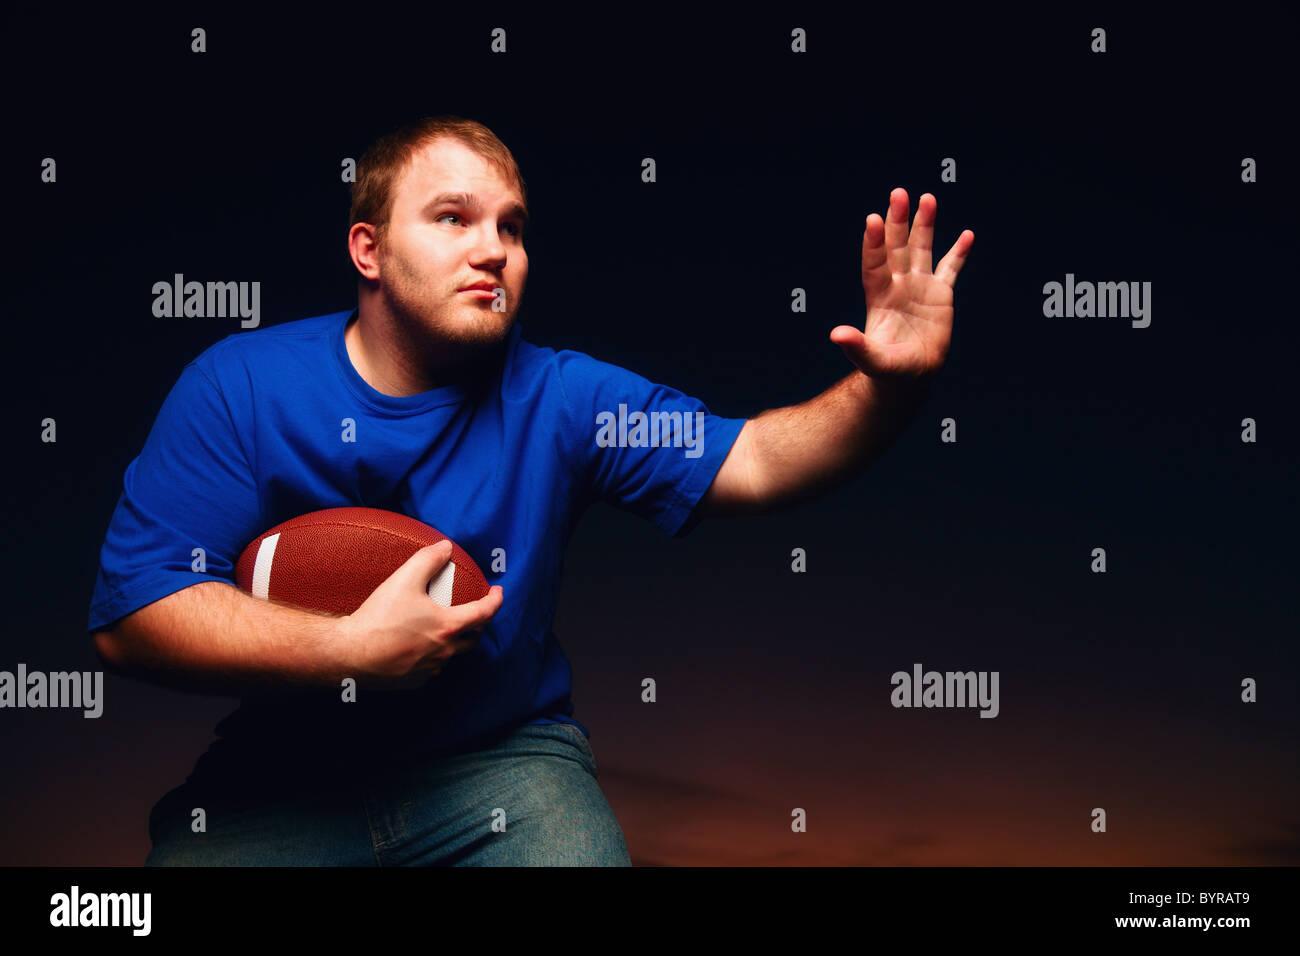 ein junger Mann Fußball spielen; Wilmar, Minnesota, Vereinigte Staaten von Amerika Stockbild